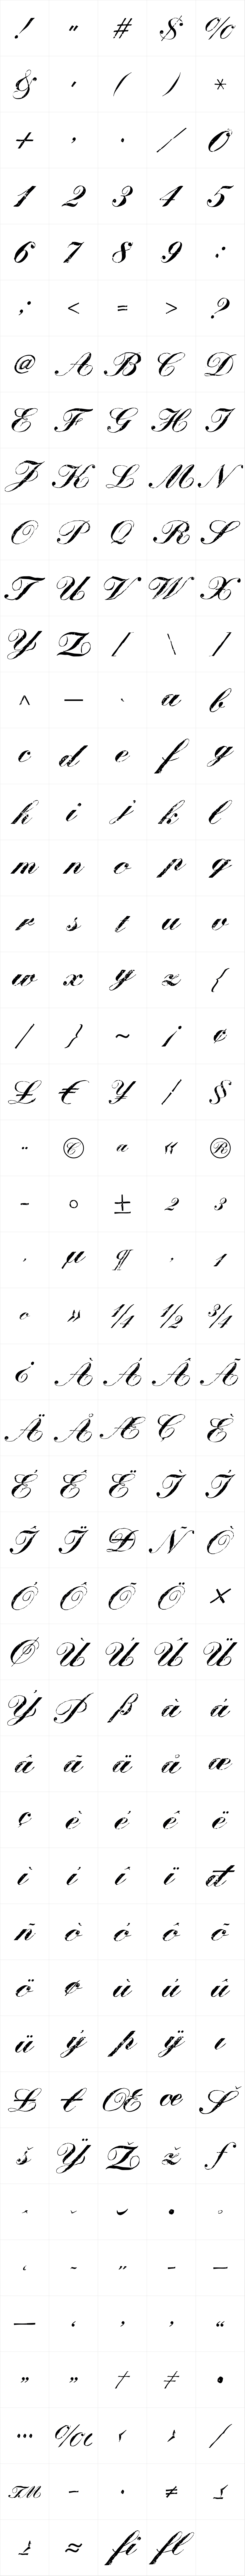 Scriptage Two